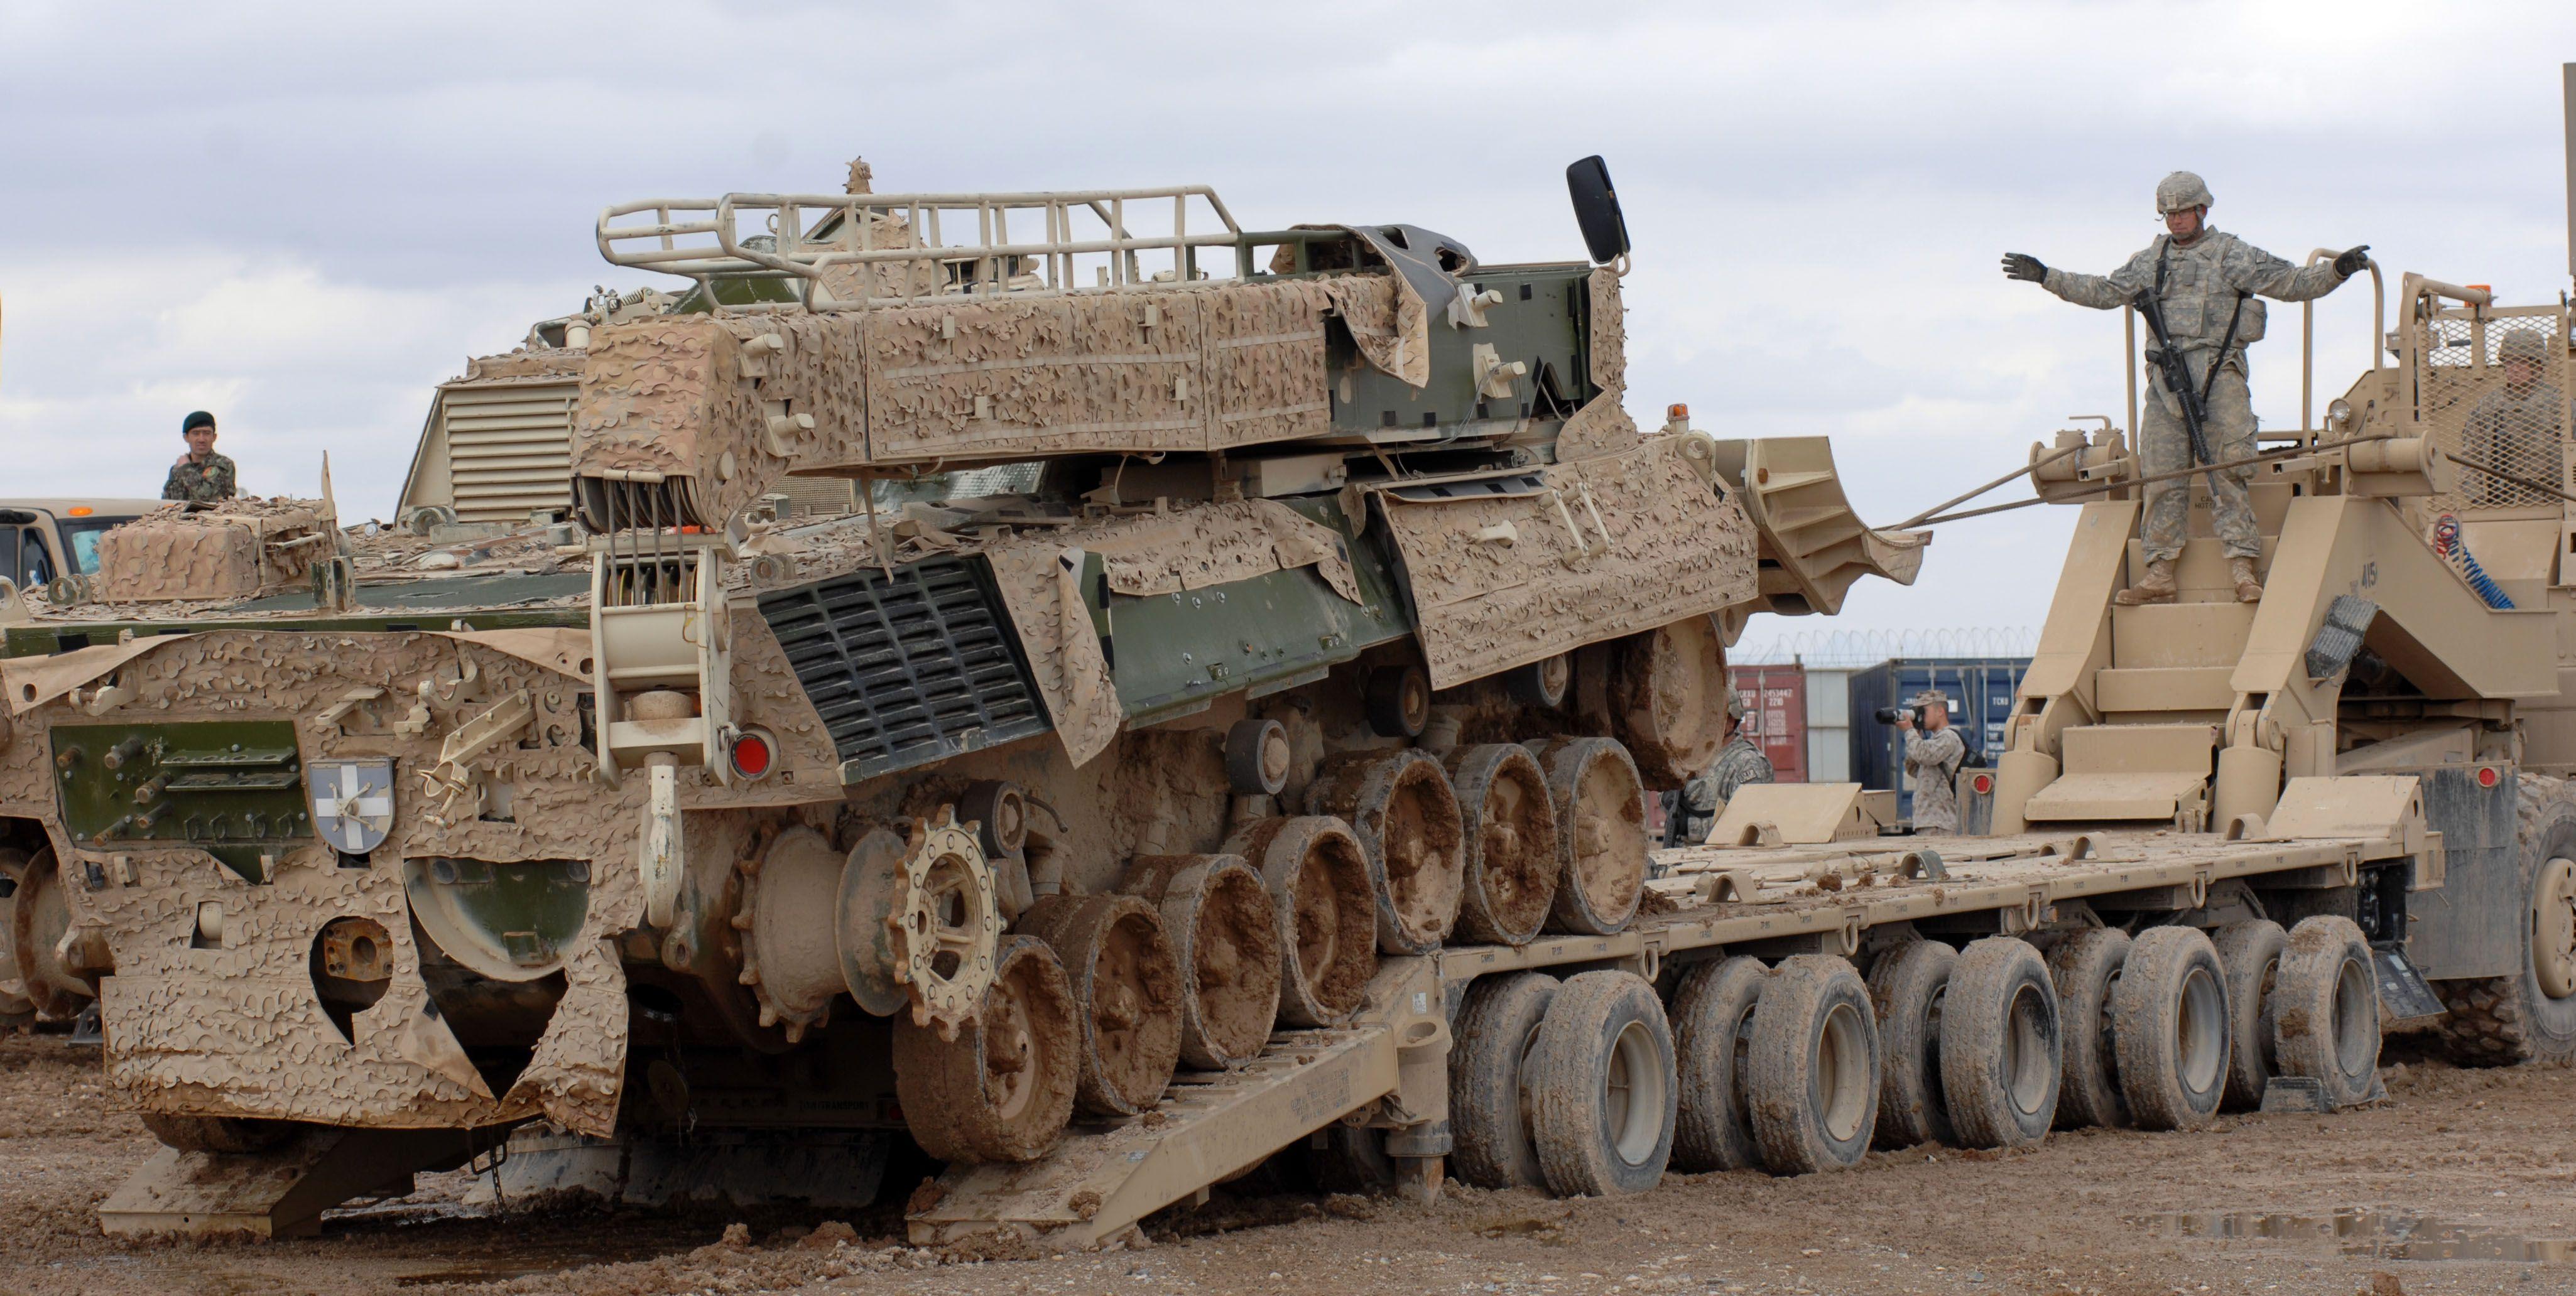 Camp Bastion Interoperability Exercise Trucks Military